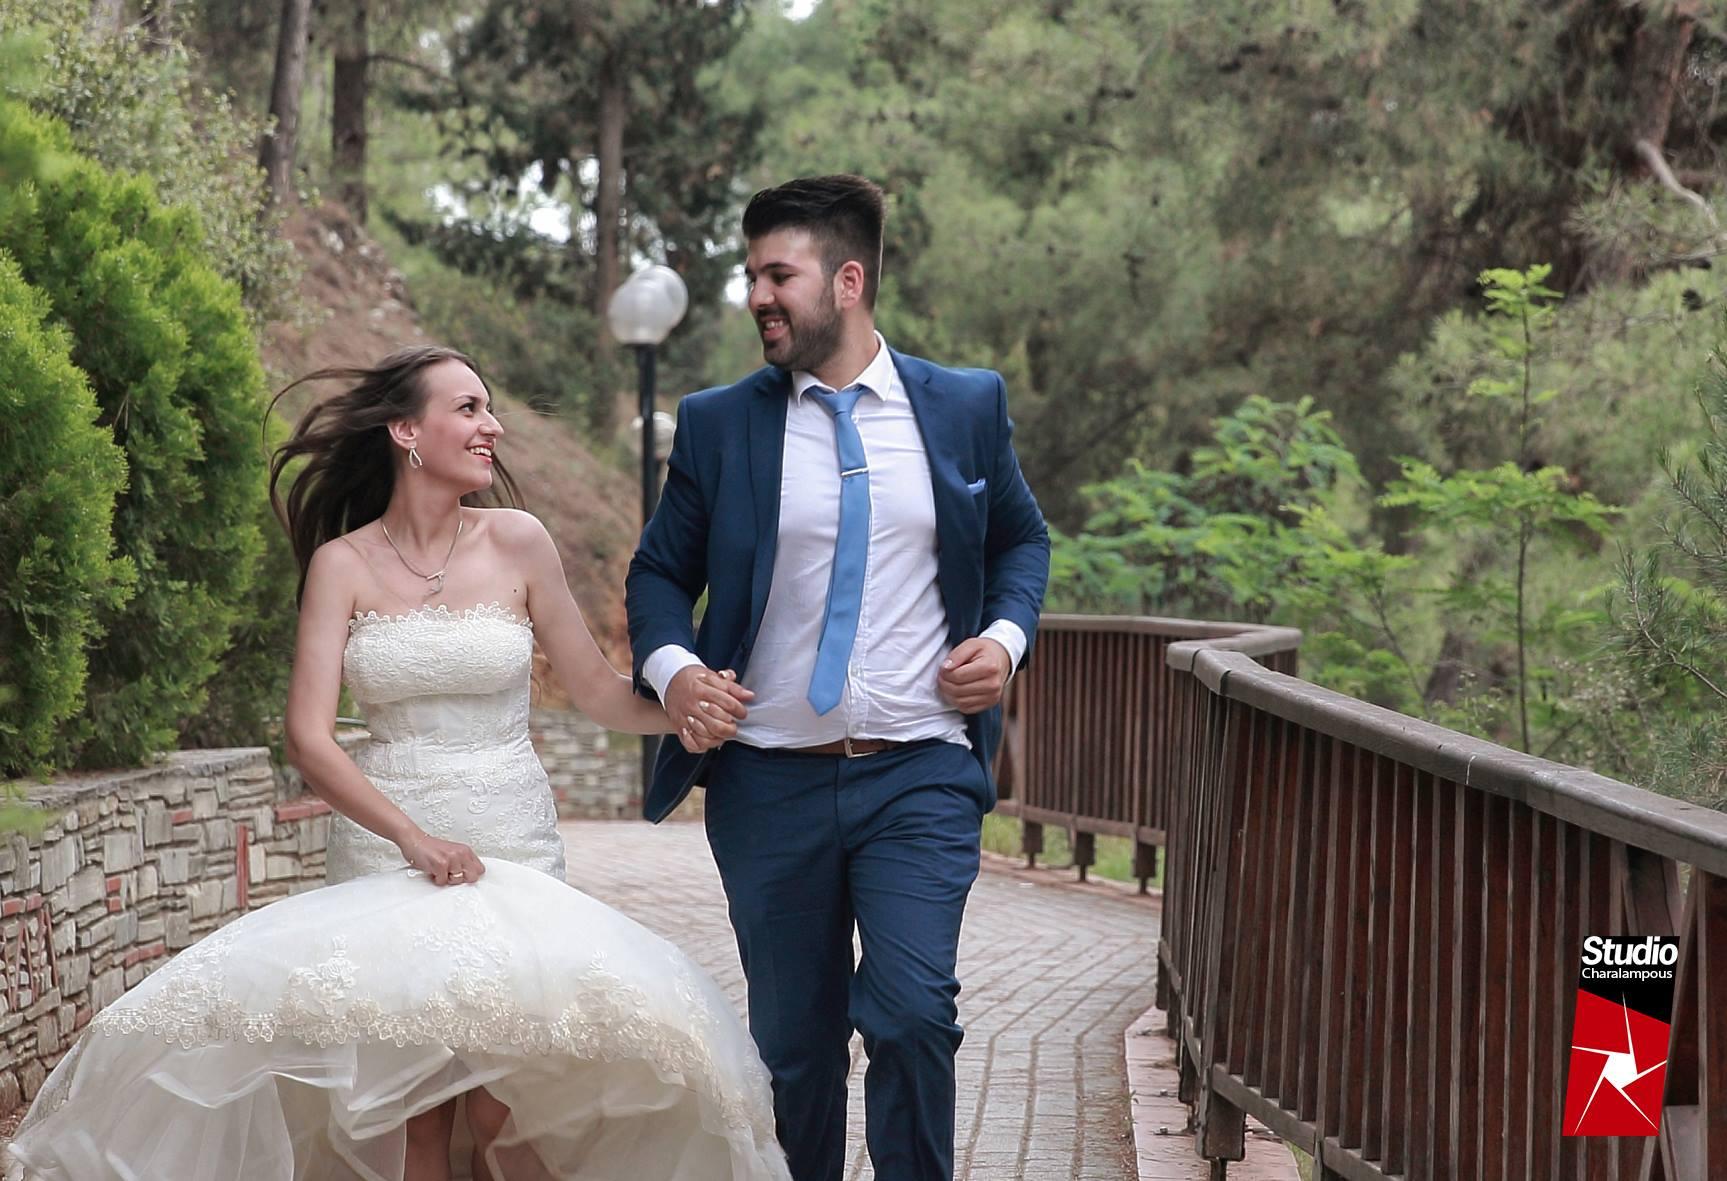 d7680050b3b5 Ο γλυκός γάμος της Ευθυμίας και του Χρήστου και η πανέμορφη βάπτιση ...